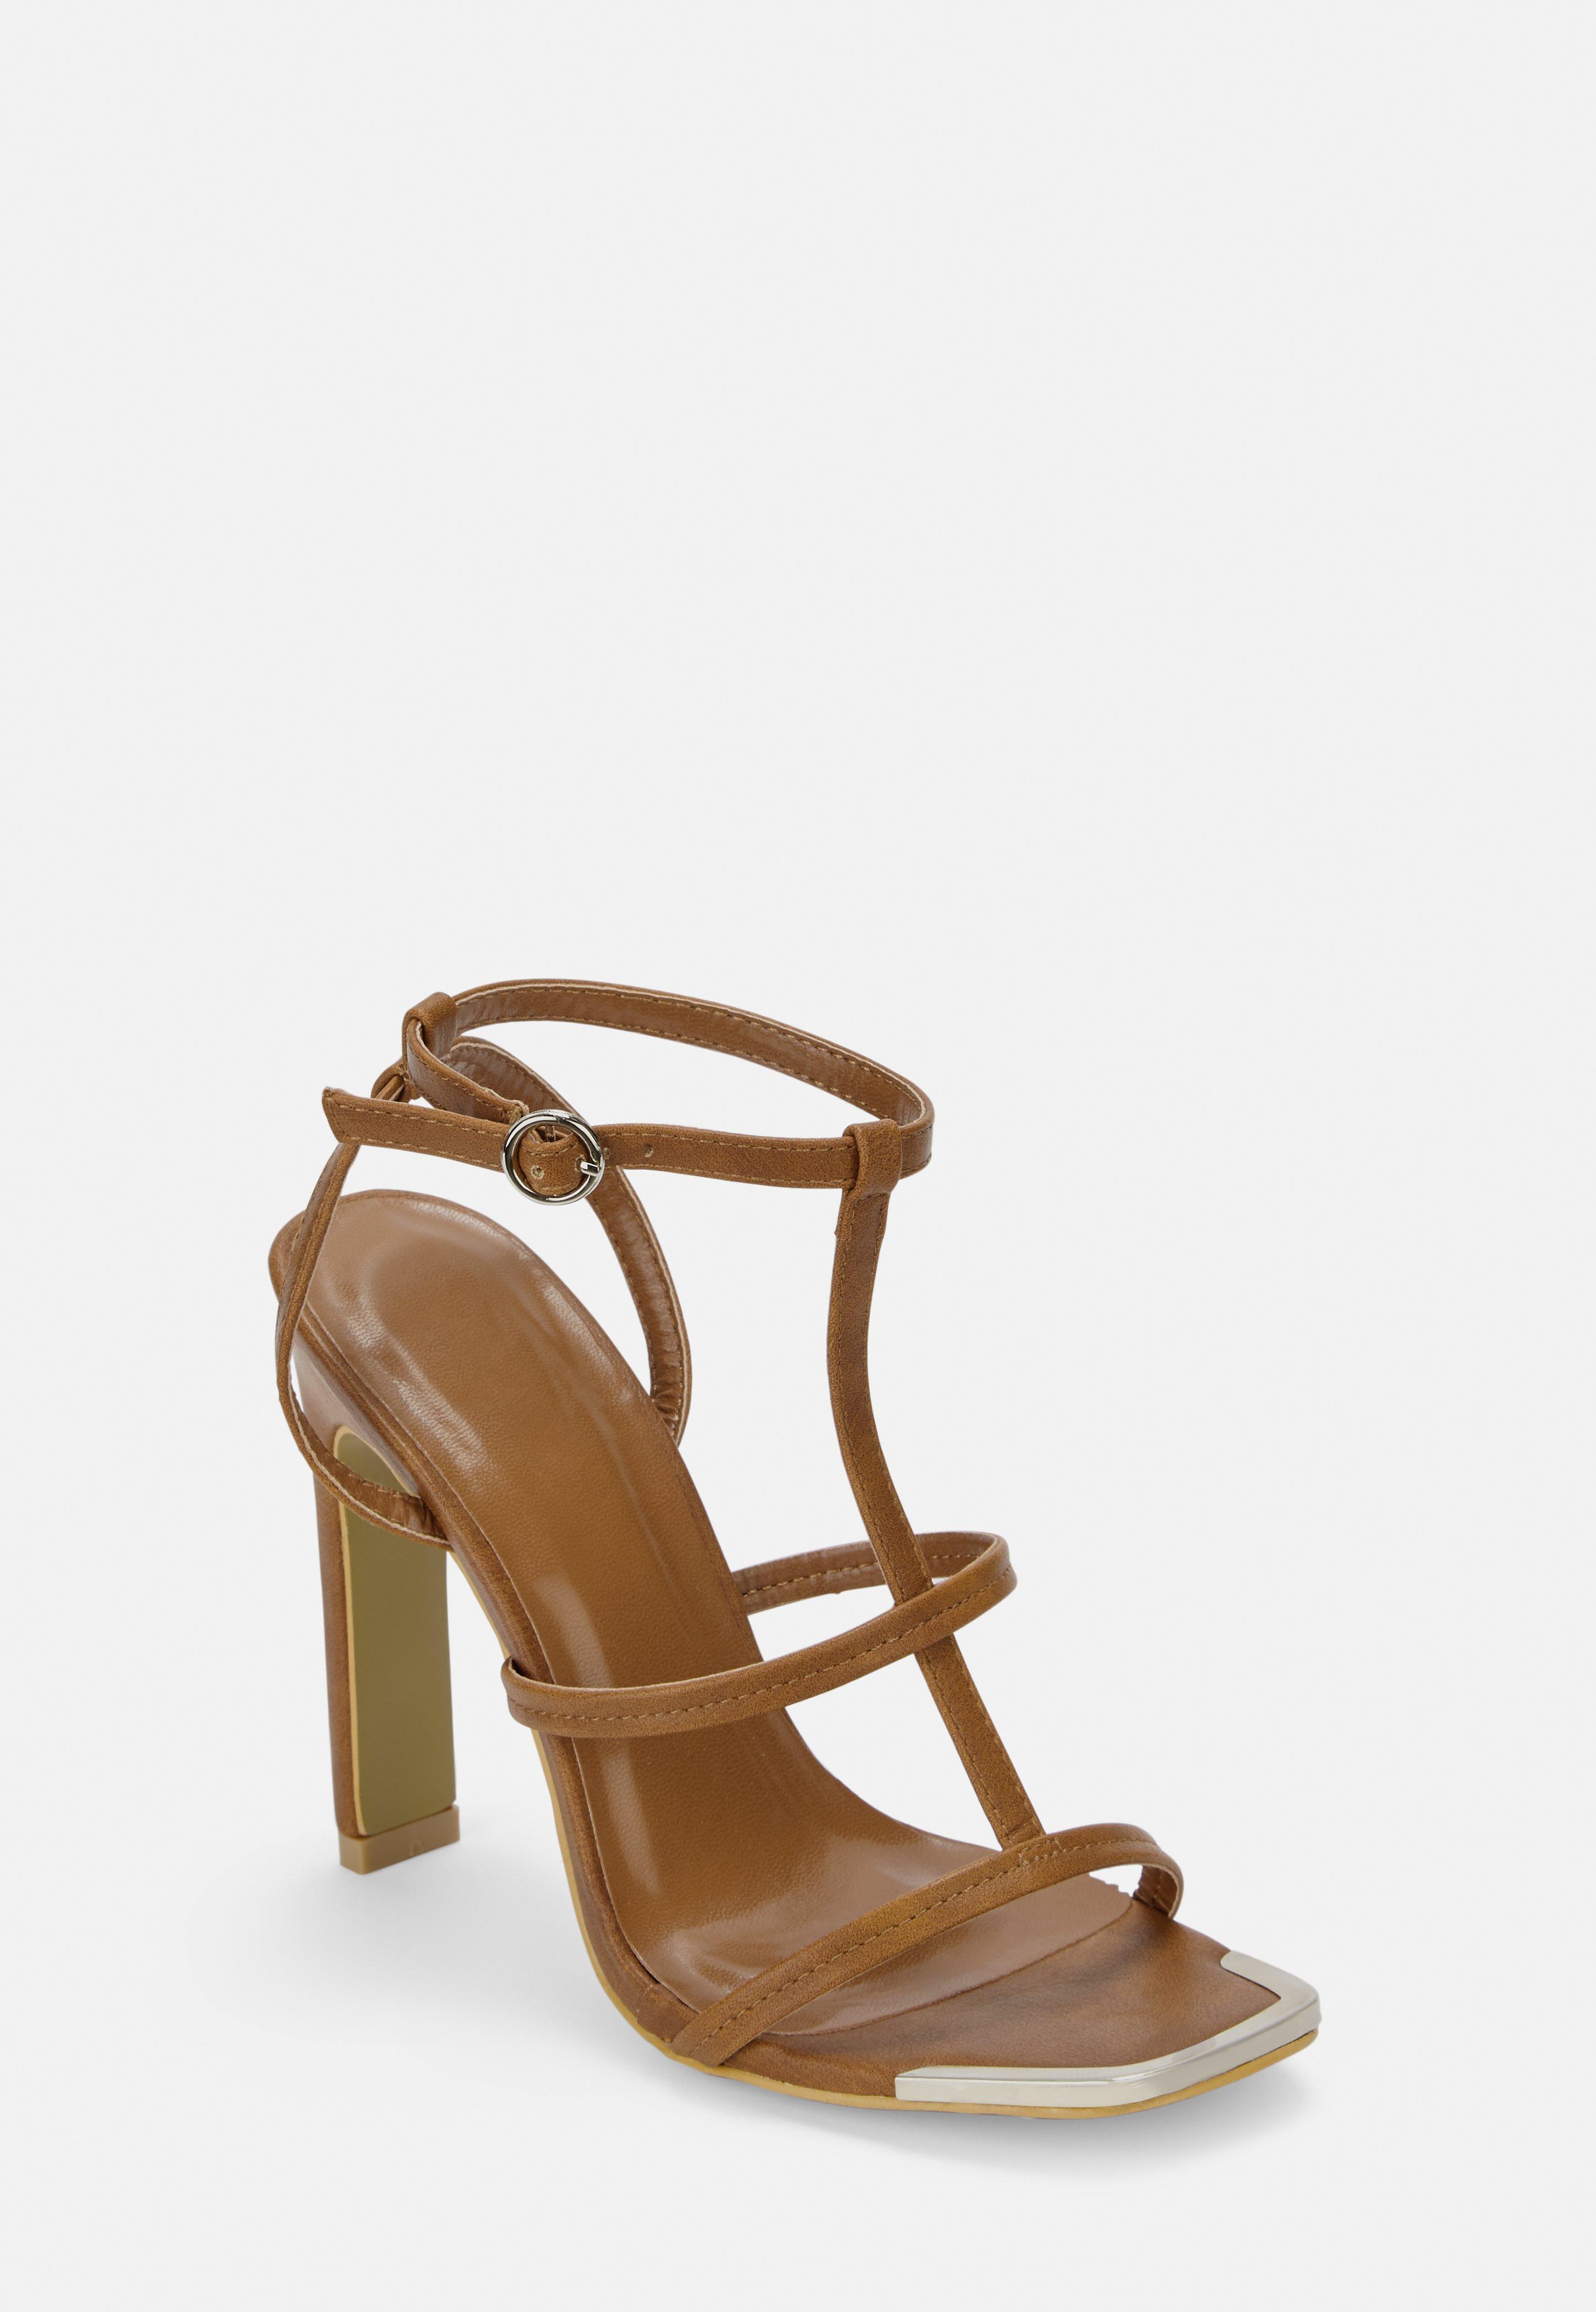 047fd9512f Shoes | Women's Footwear Online UK - Missguided